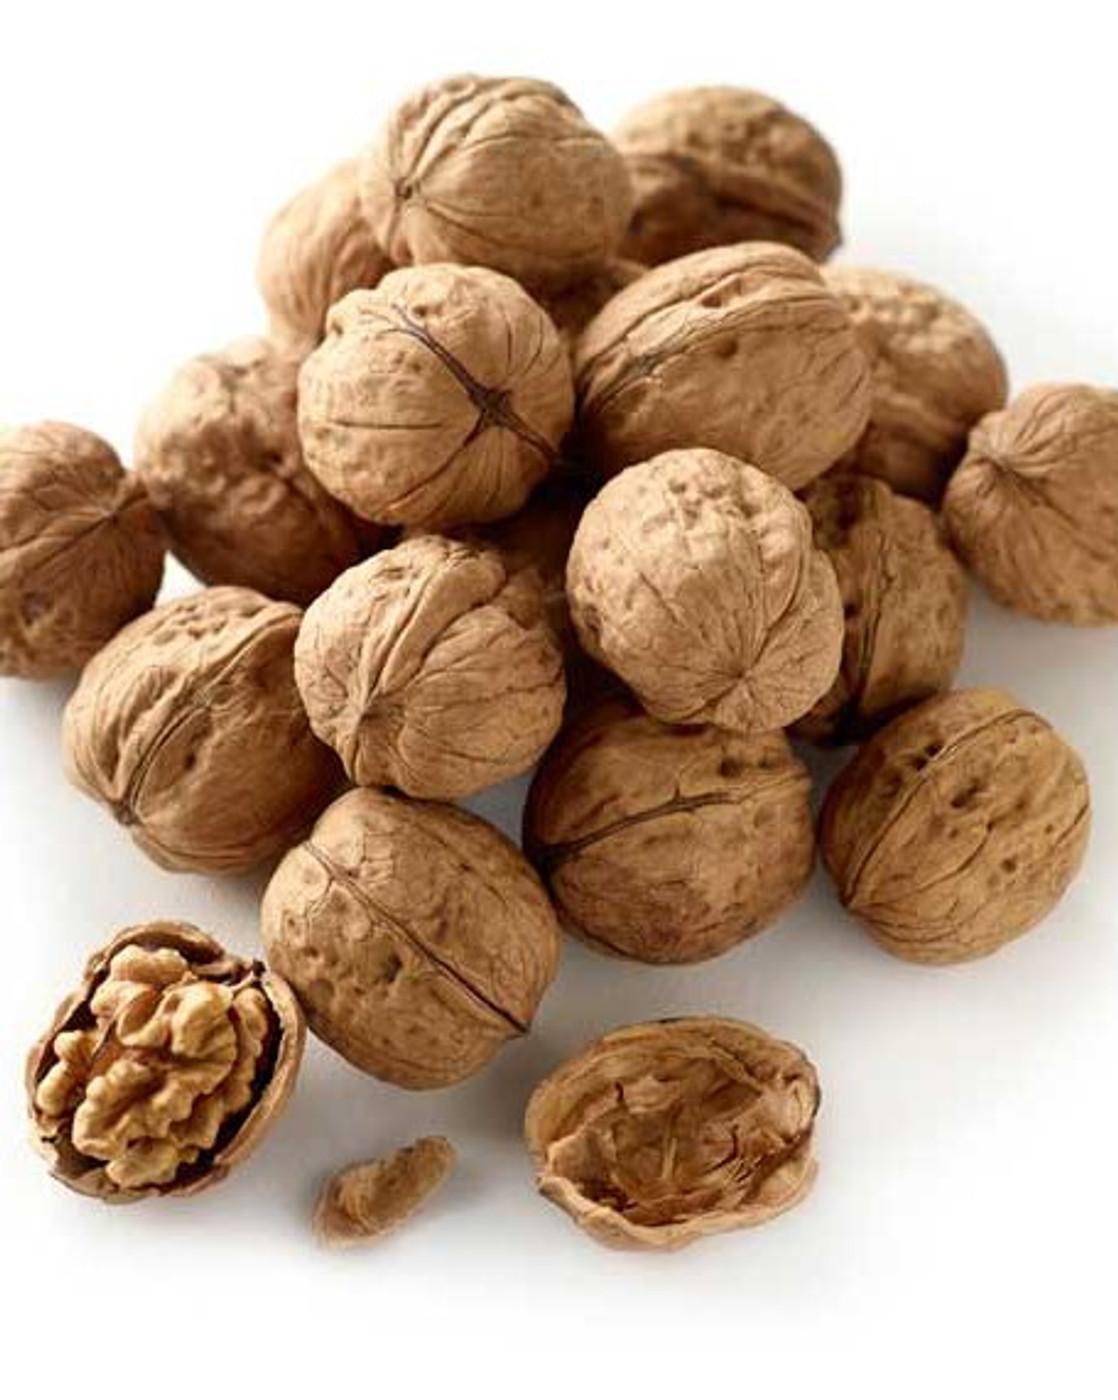 NZ Walnut-In-Shell 1kg